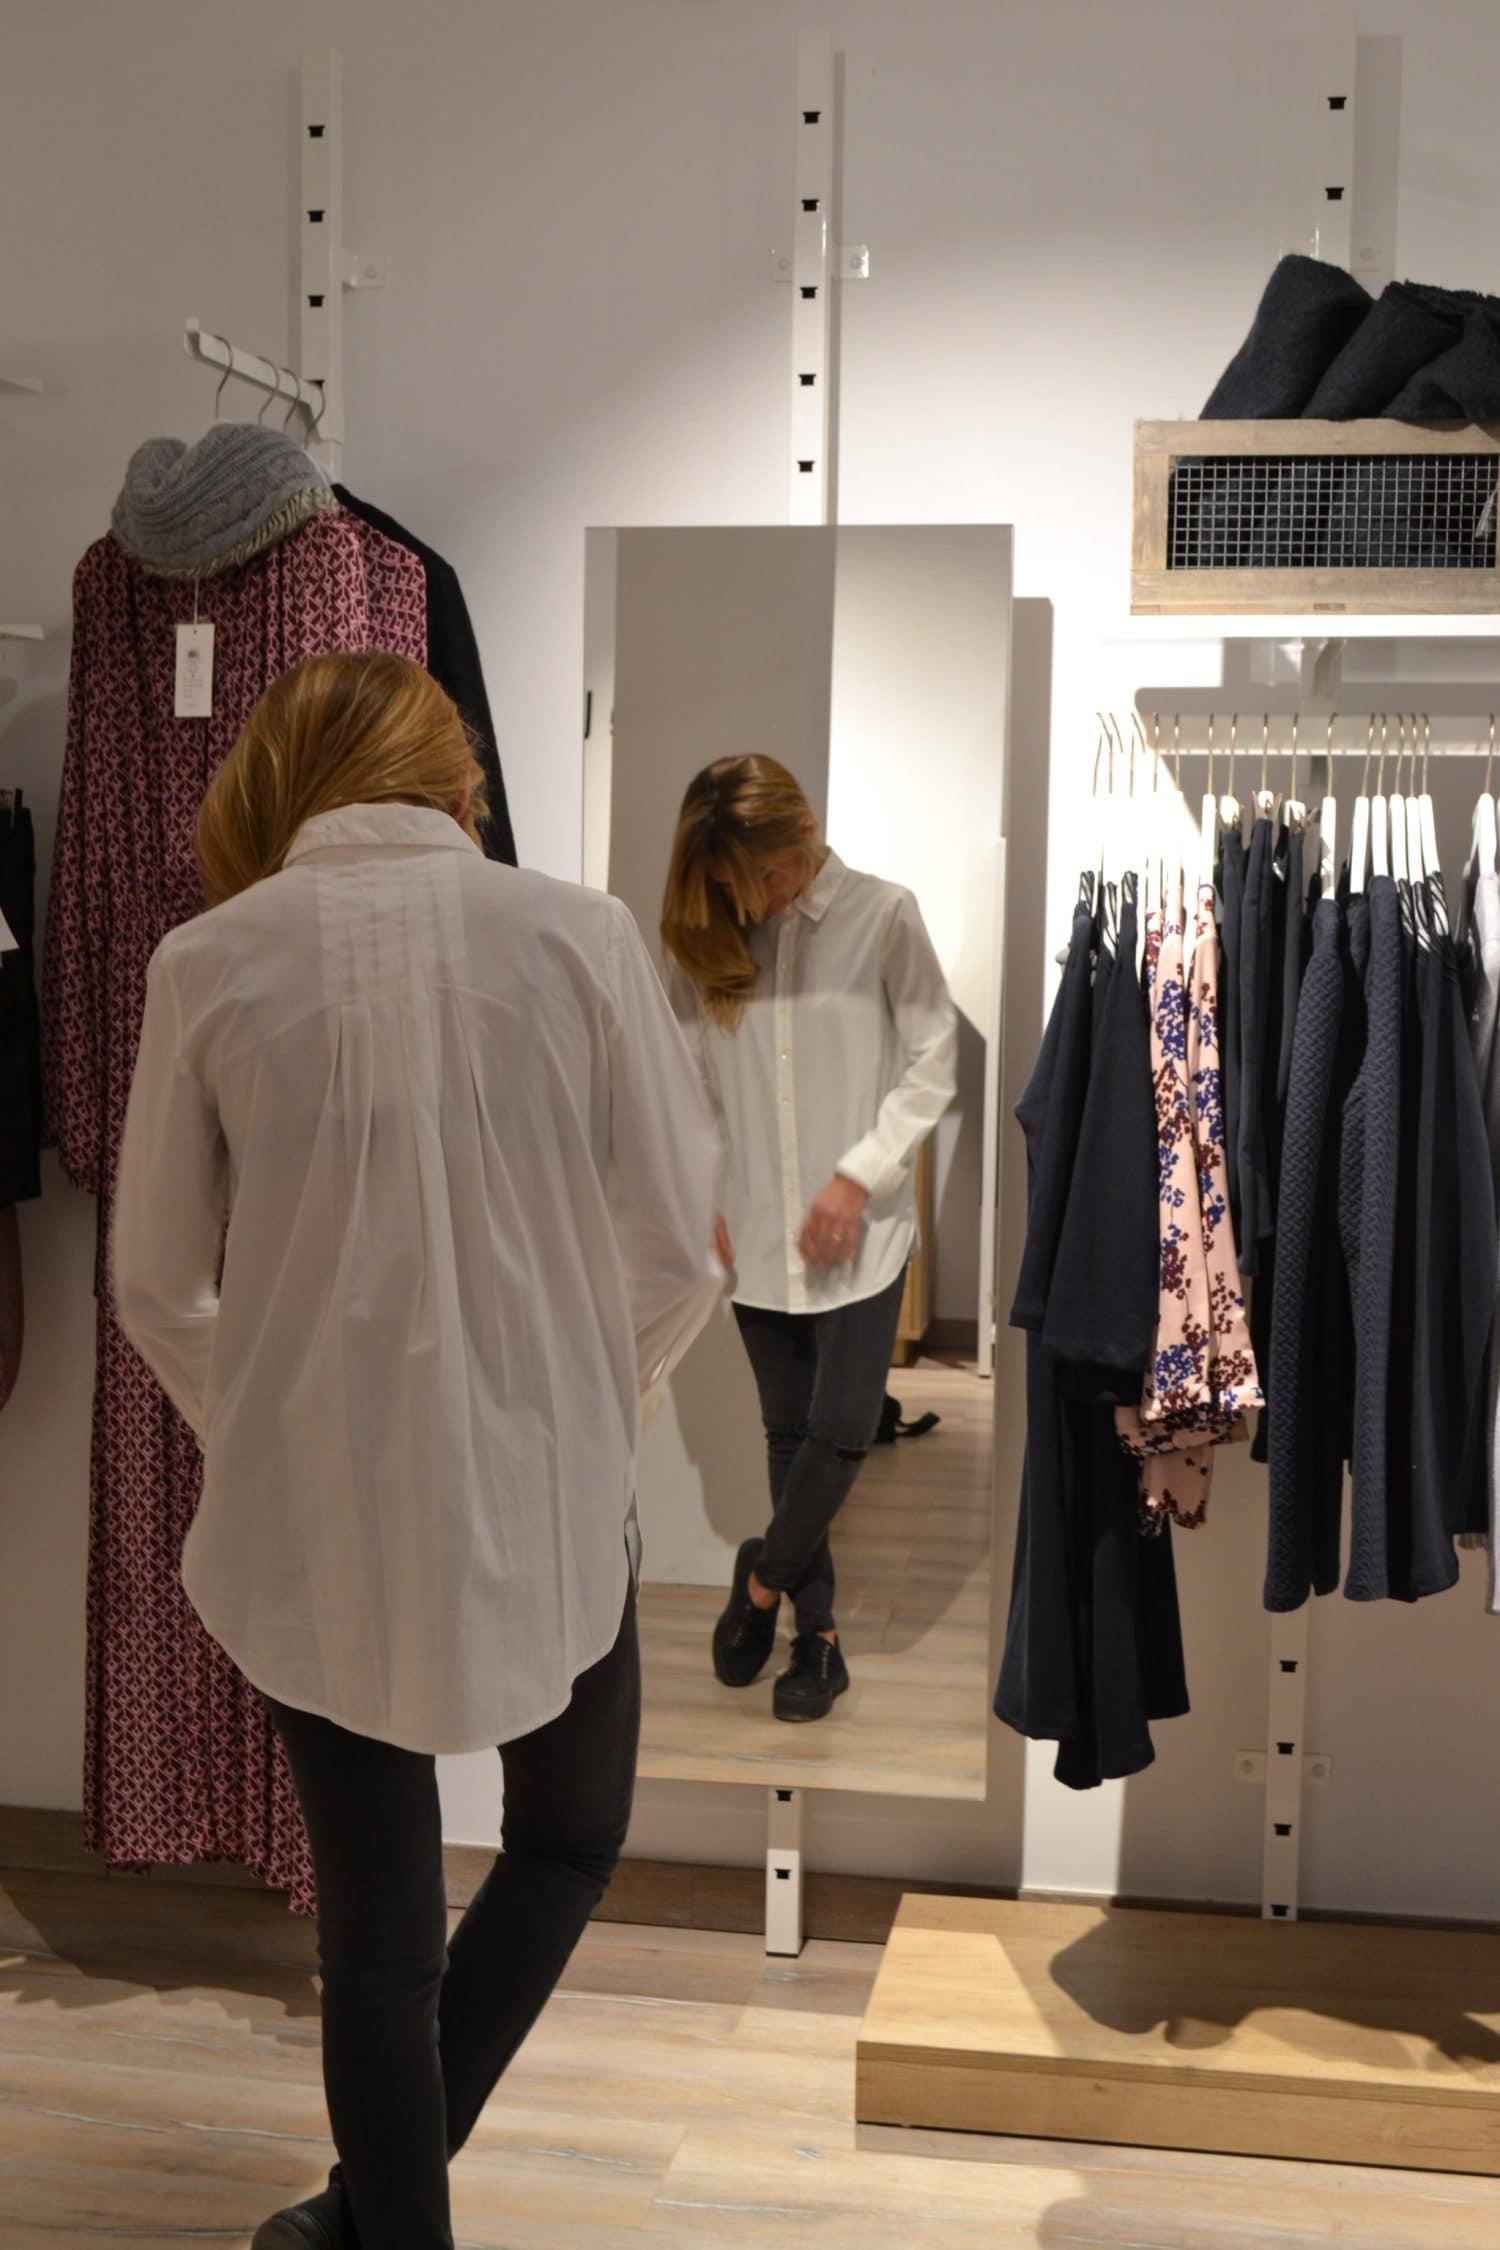 une-journee-a-tolosa-Boutique-TOLOSA-au-pays-basque